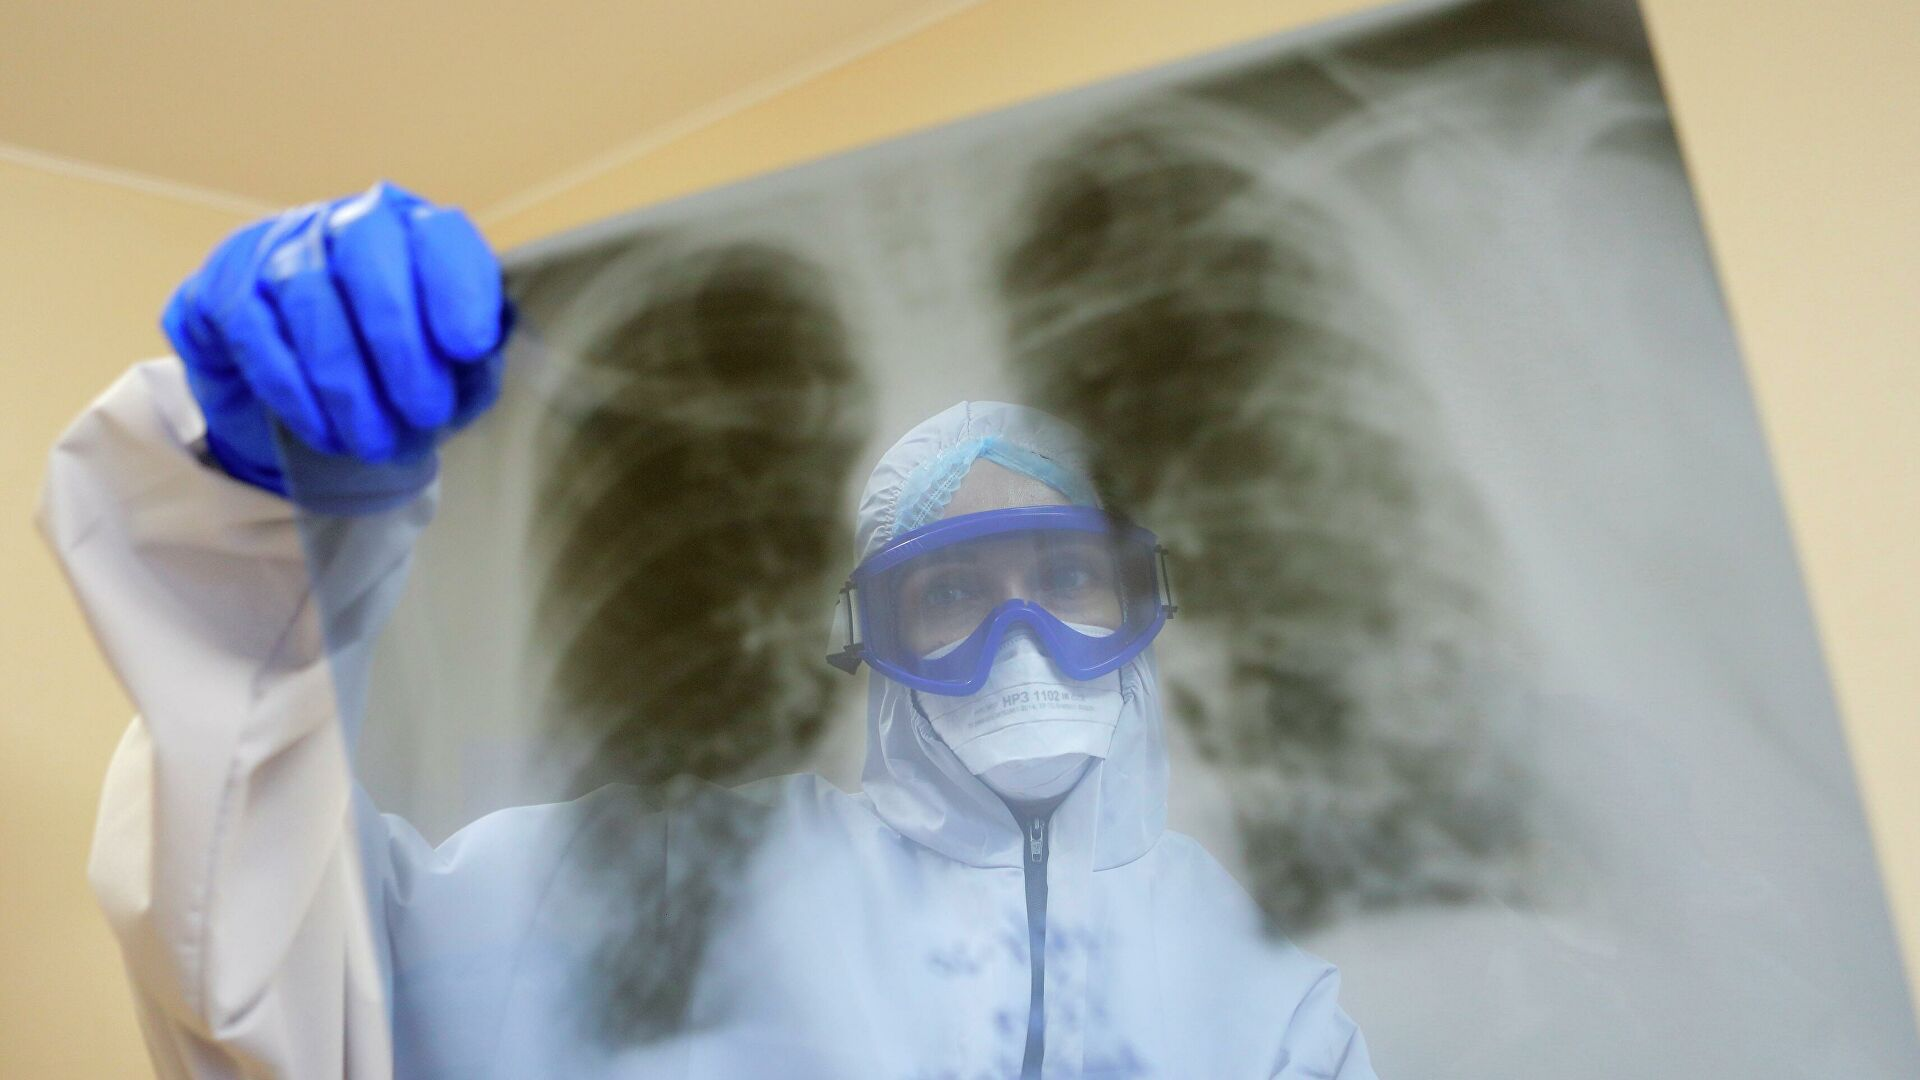 Пекинг: Желимо да САД попут Кине заступају отворен и транспарентан став и да позову стручњаке СЗО да спроведу истраживања и контролу порекла коронавируса